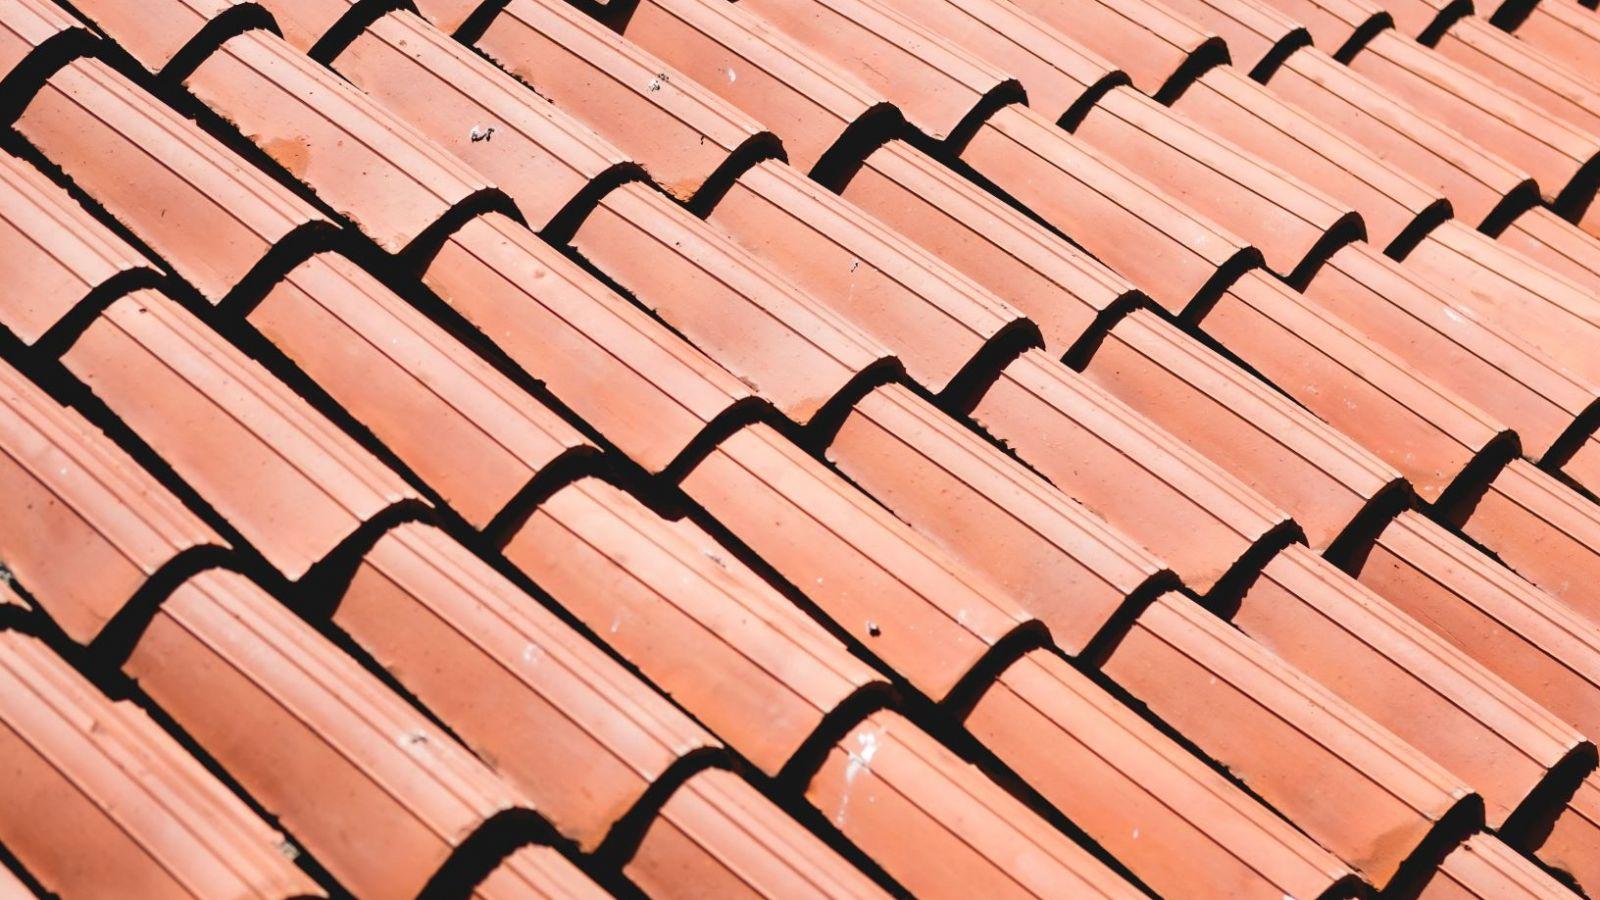 Roofing Risk Assessment